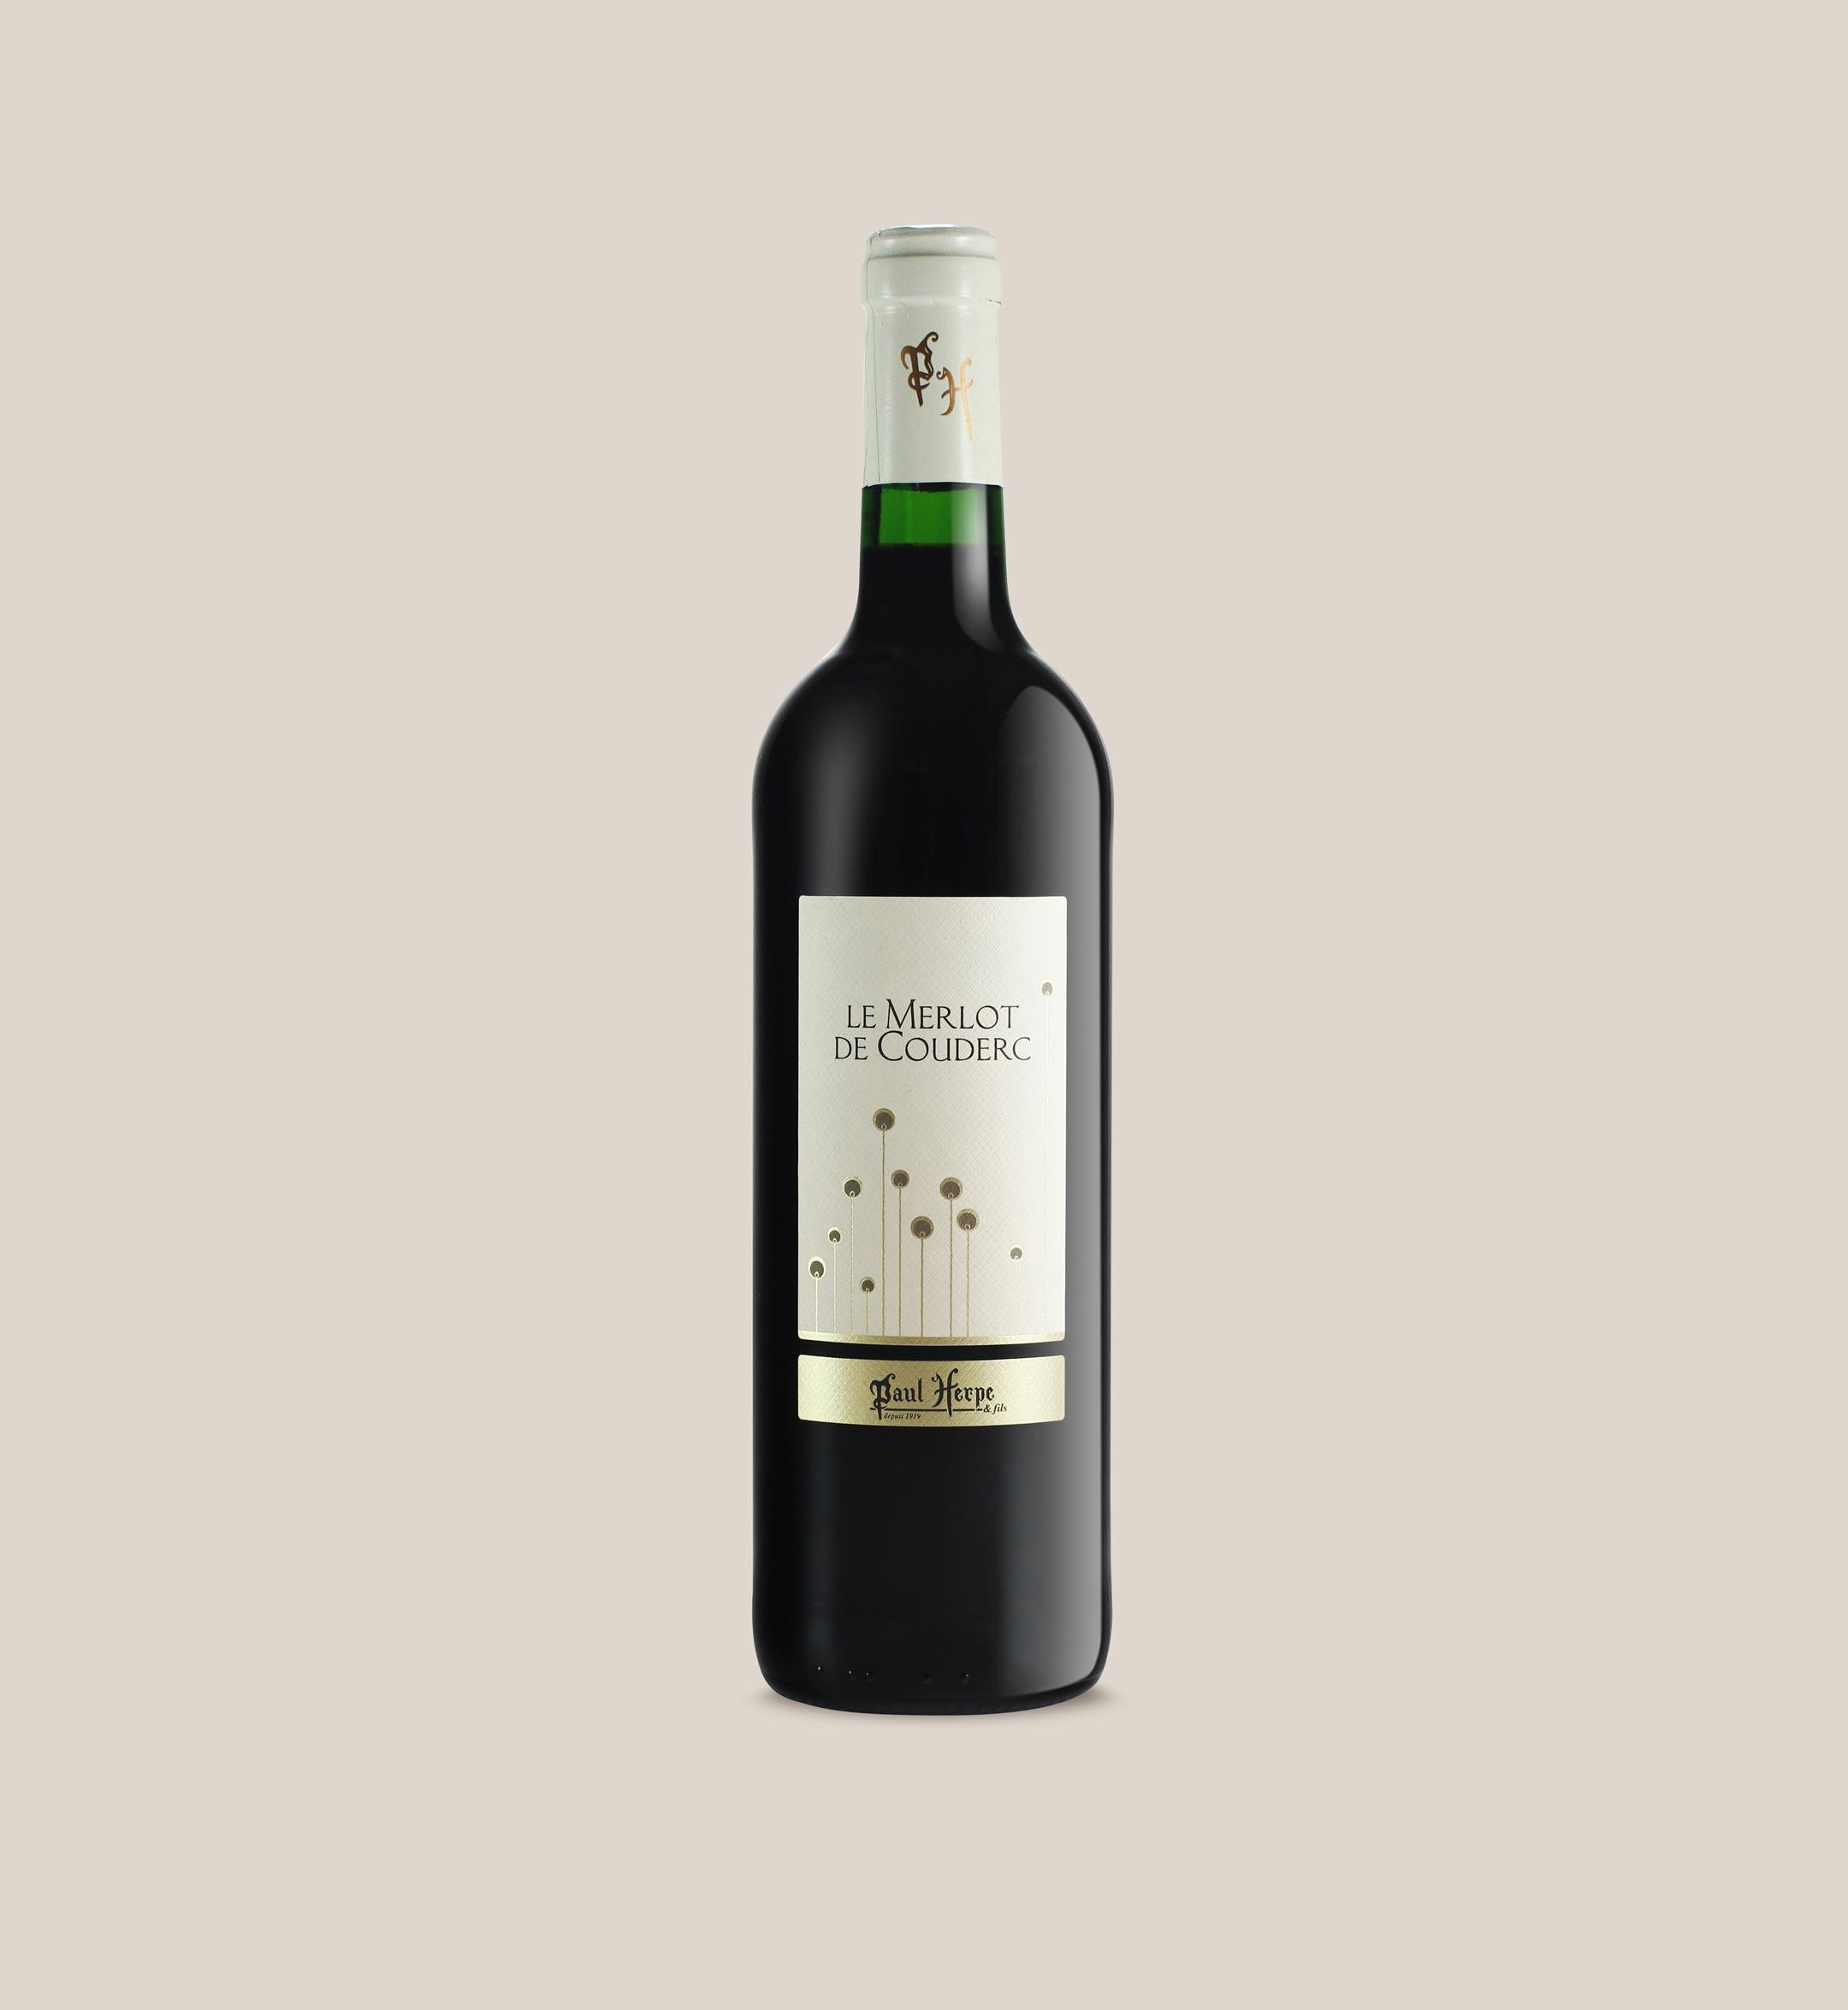 Merlot de Couderc vin rouge de pays d'oc - bouteille Paul Herpe